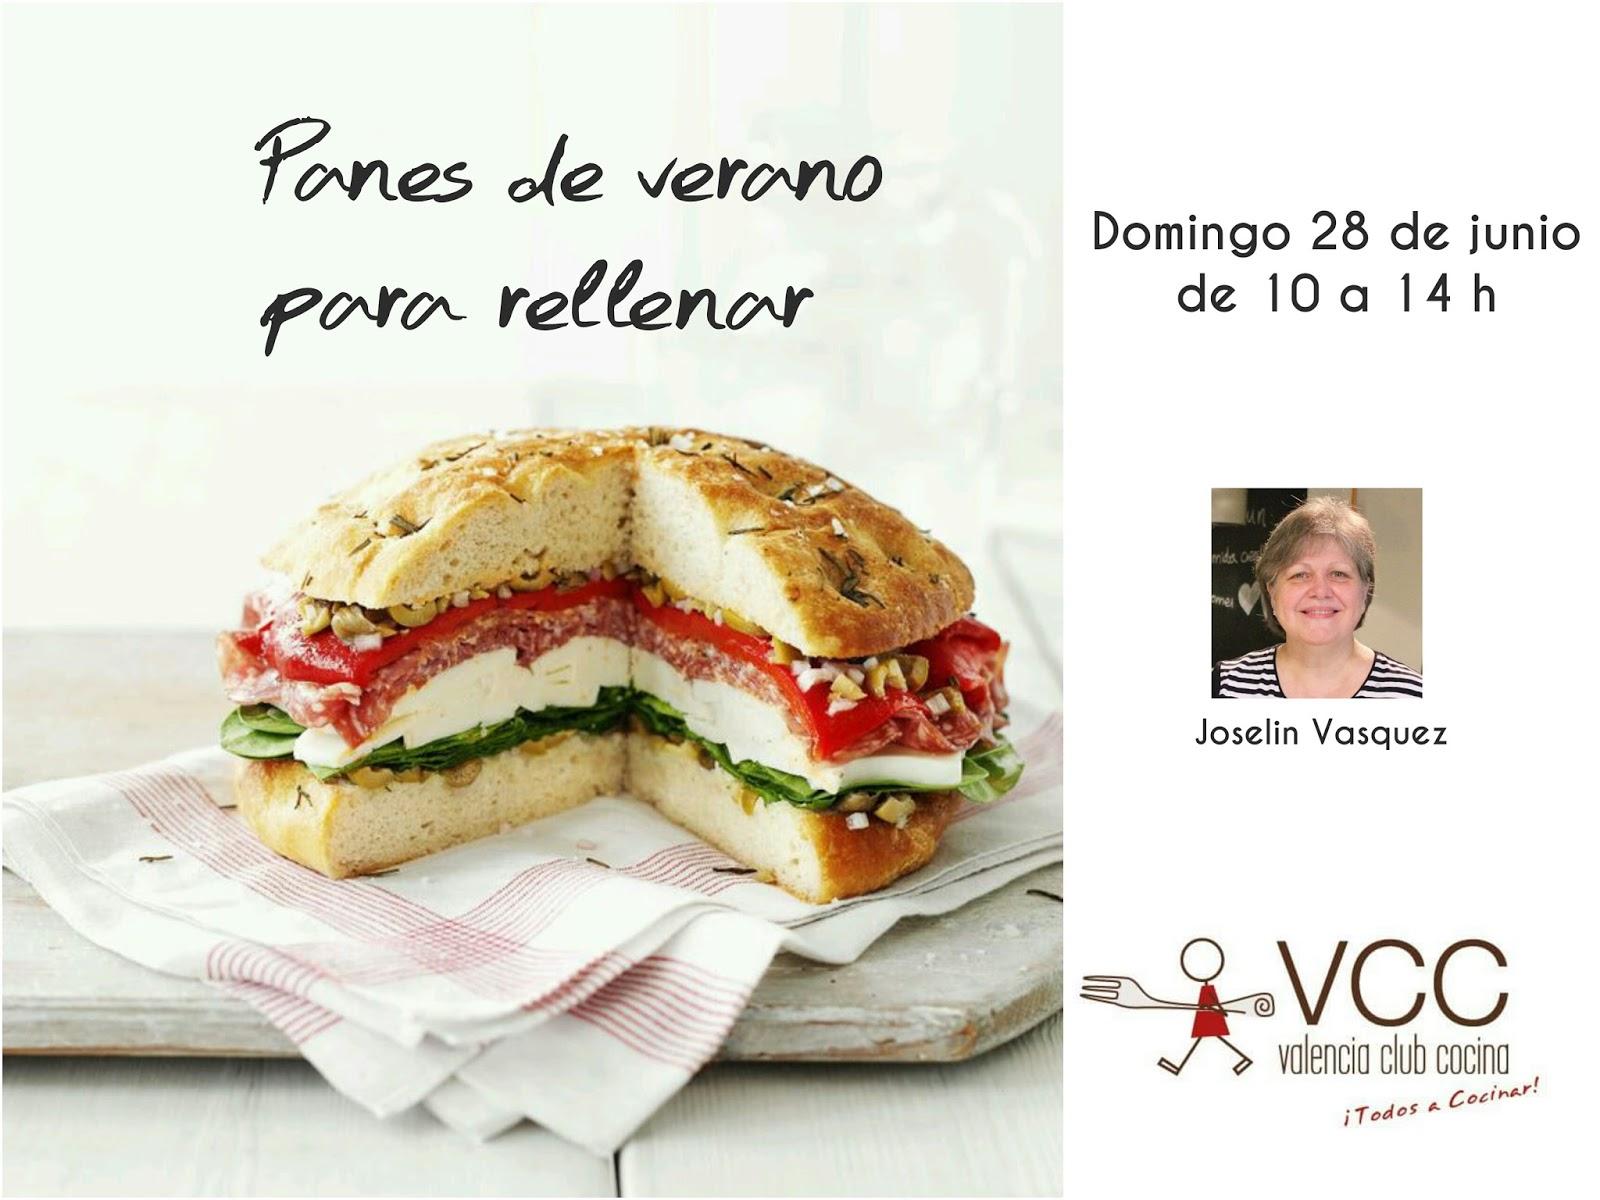 Cursos de cocina dec logo para elegir el adecuado the spanish food - Valencia club de cocina ...